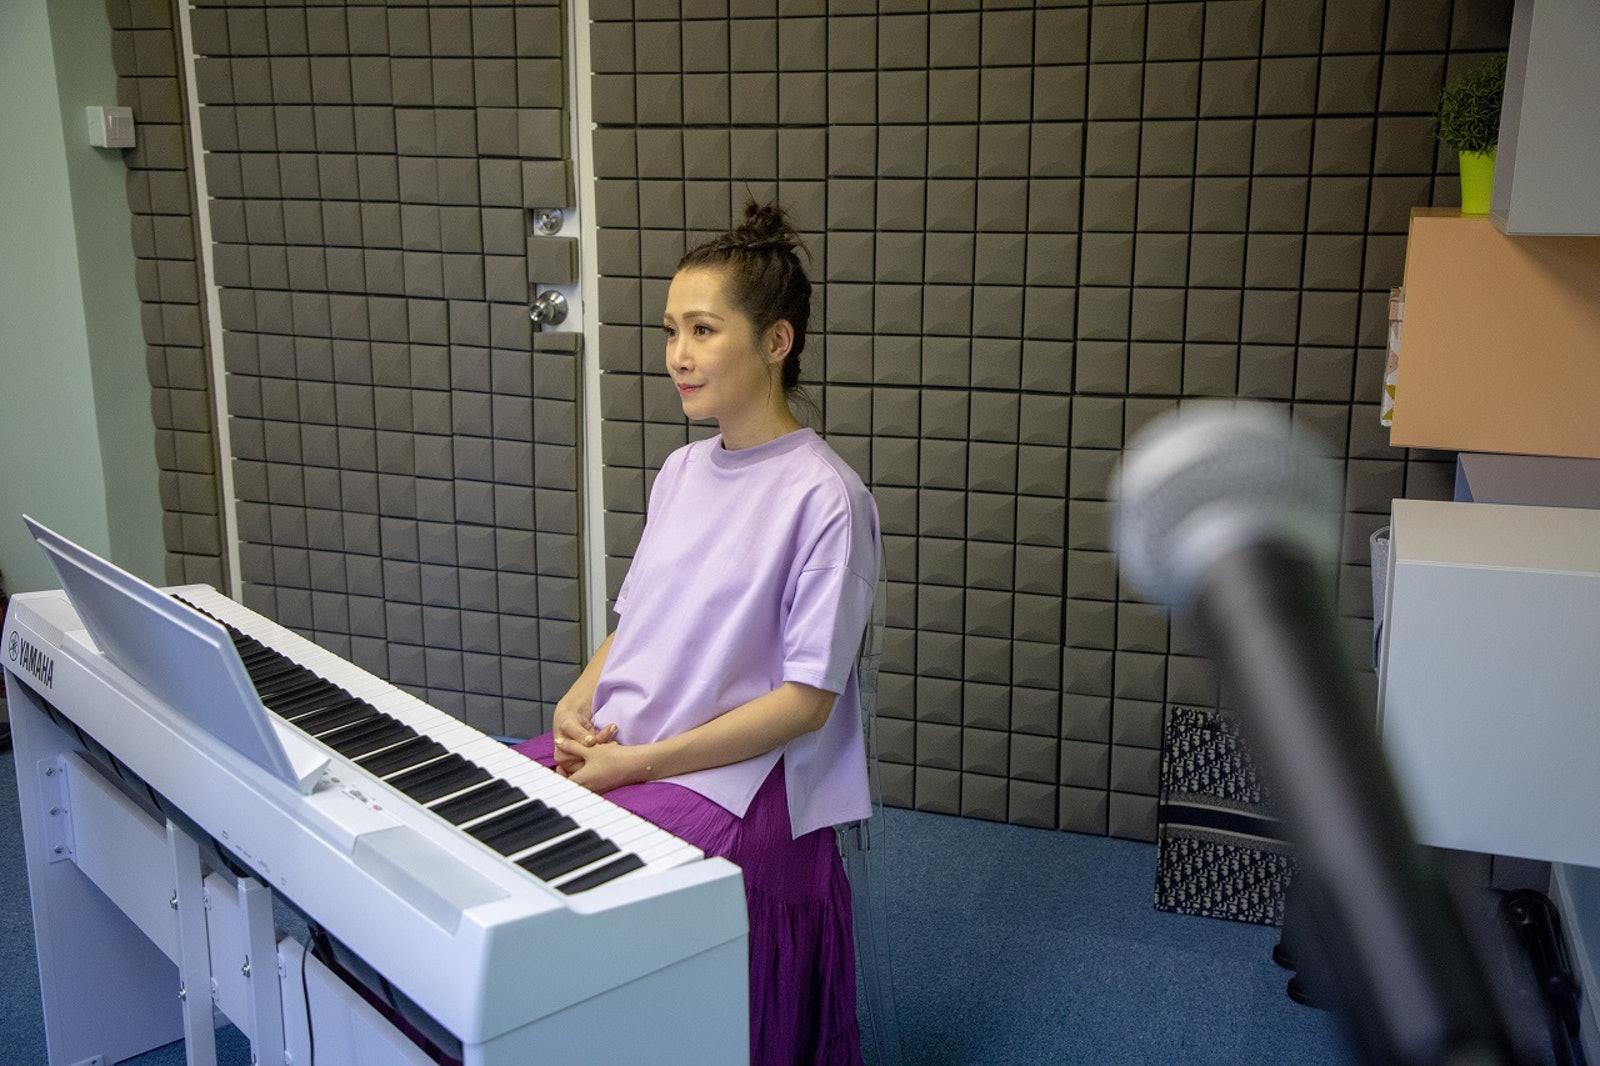 關心妍的教室雖然很小,但音樂所及心靈之境郤是無限大。(葉志明攝)